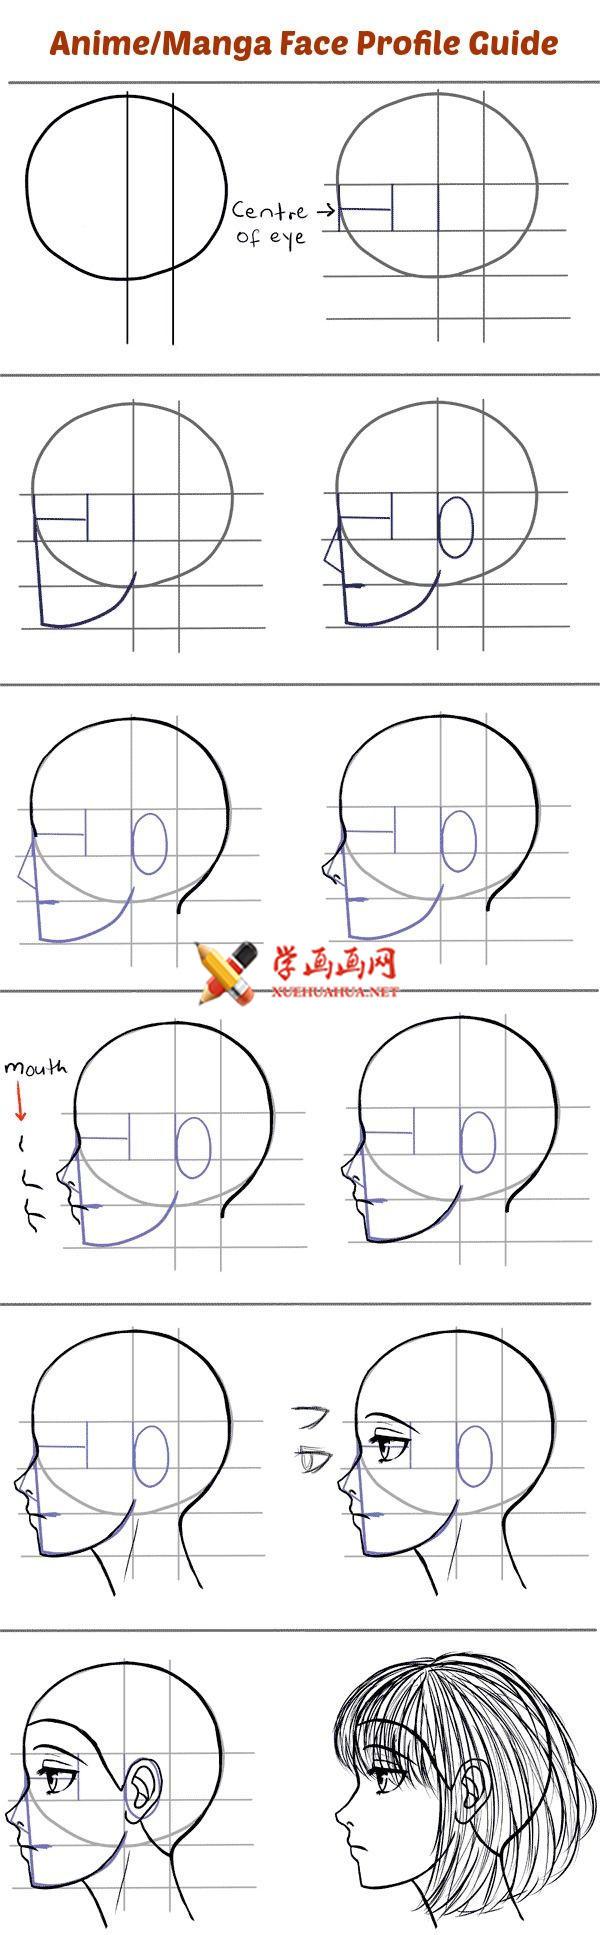 漫画教程:如何画侧面漫画人物的脸(1)